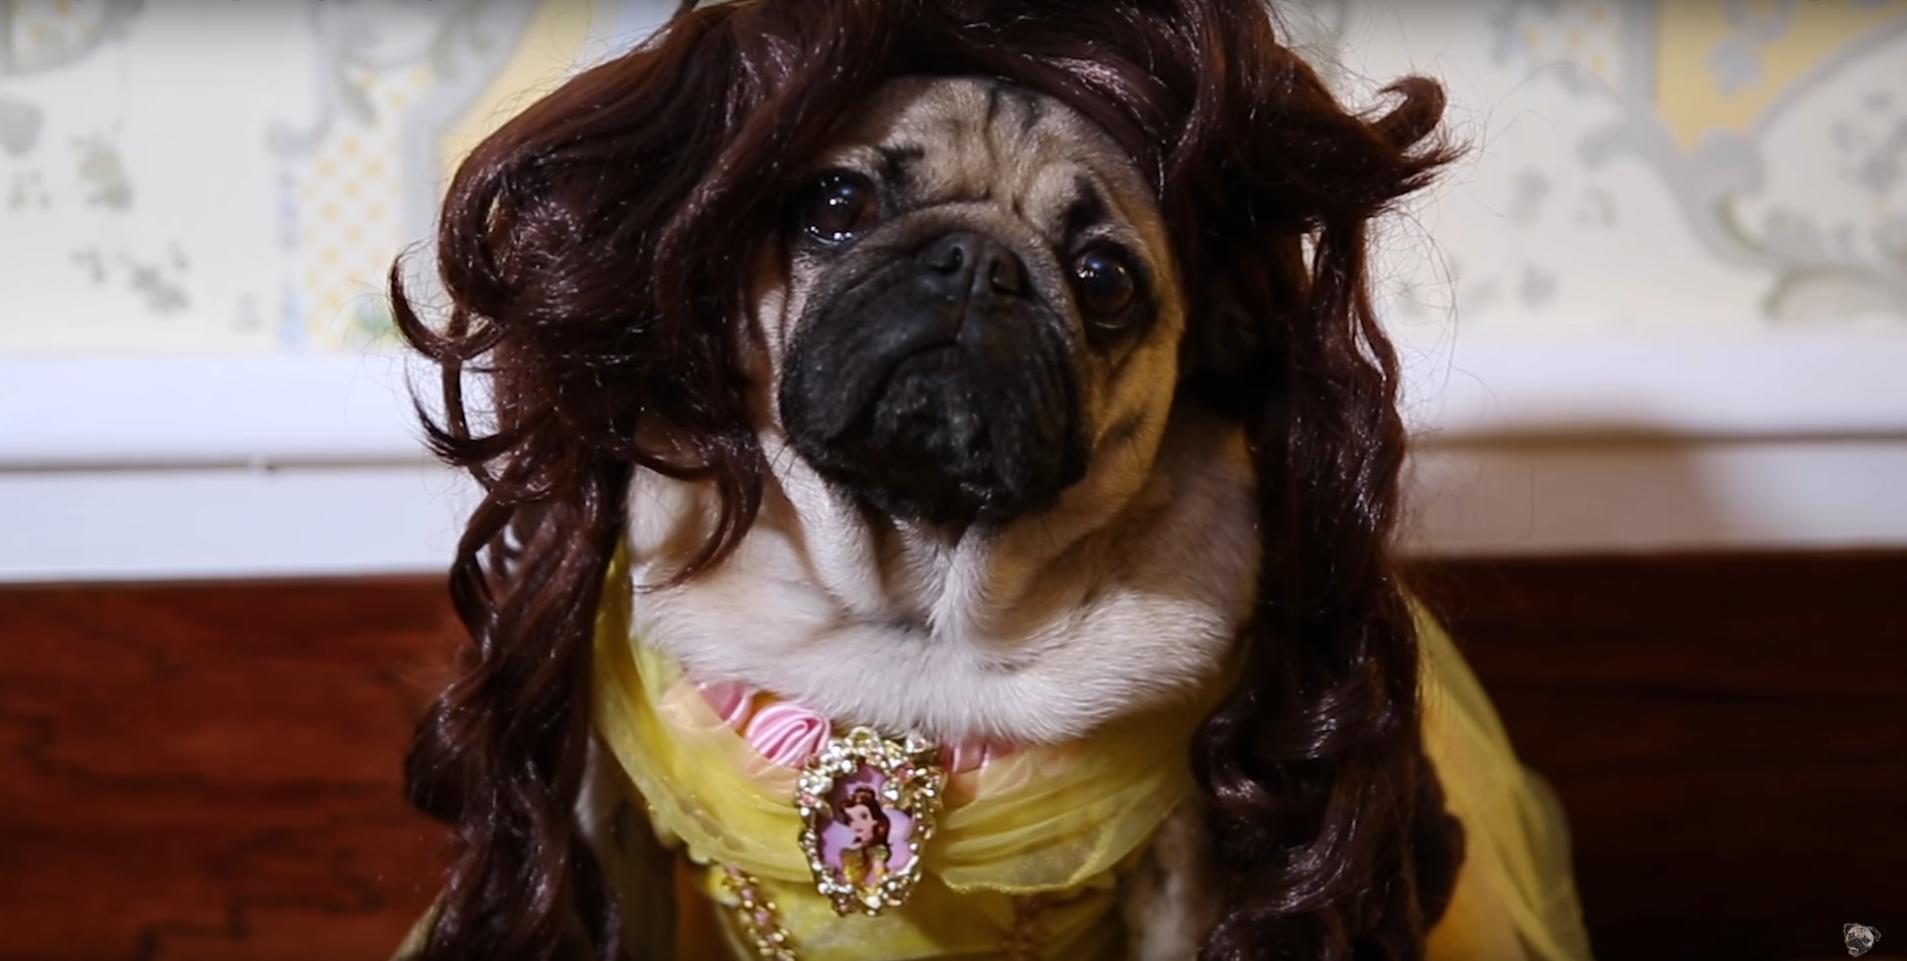 Phim ngắn hài hước ăn theo siêu phẩm Người đẹp và Quái vật của cặp đôi chó pug - Ảnh 4.